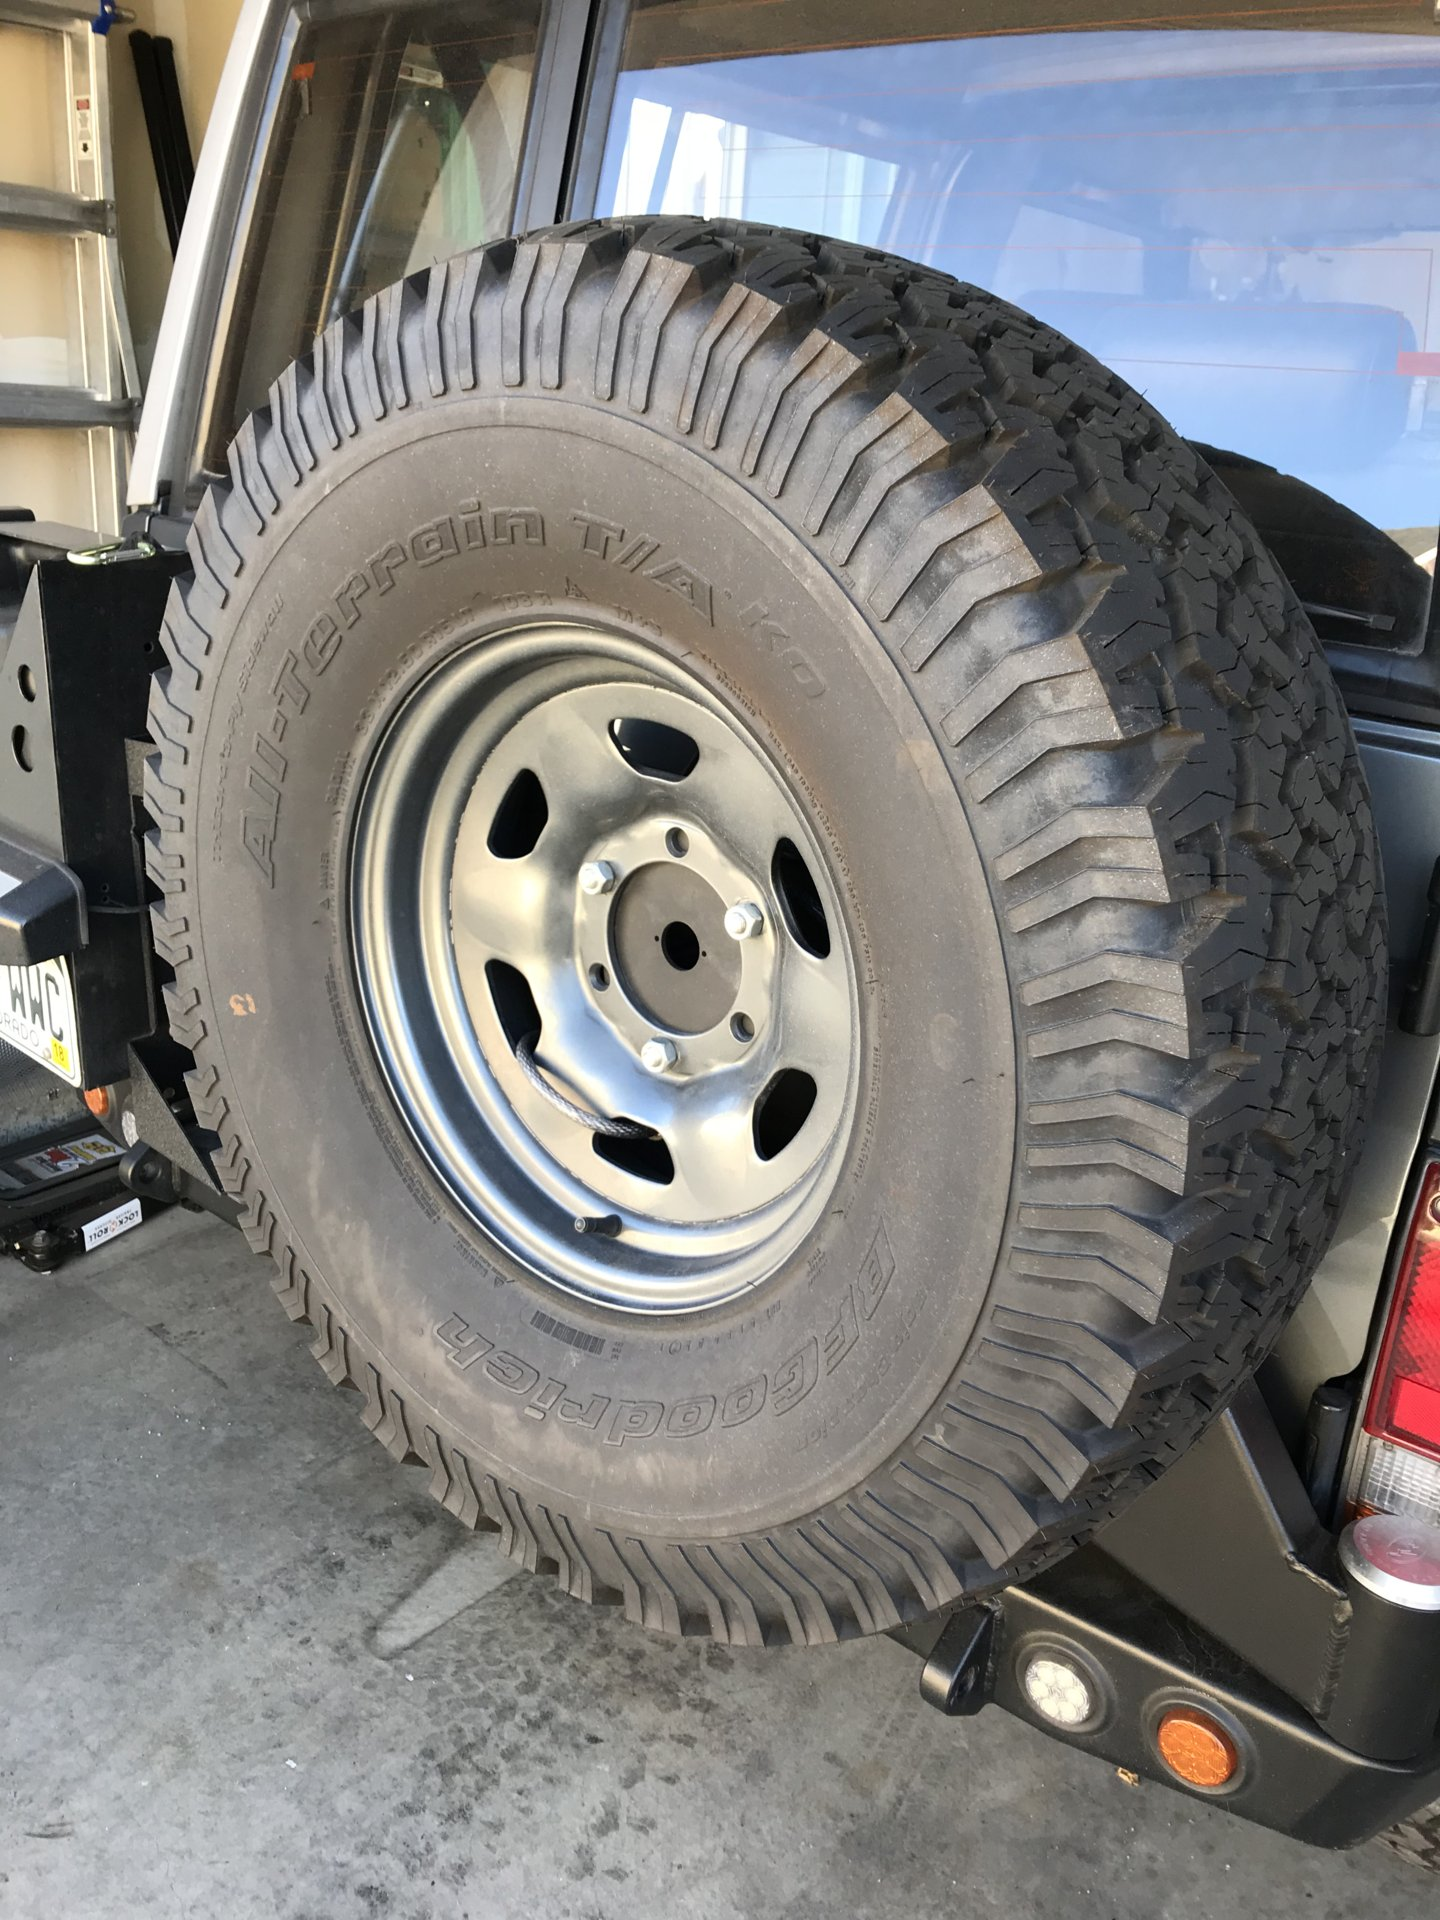 For Sale SOLD 5 BFG AT 33x12 5R15 Denver CO USA